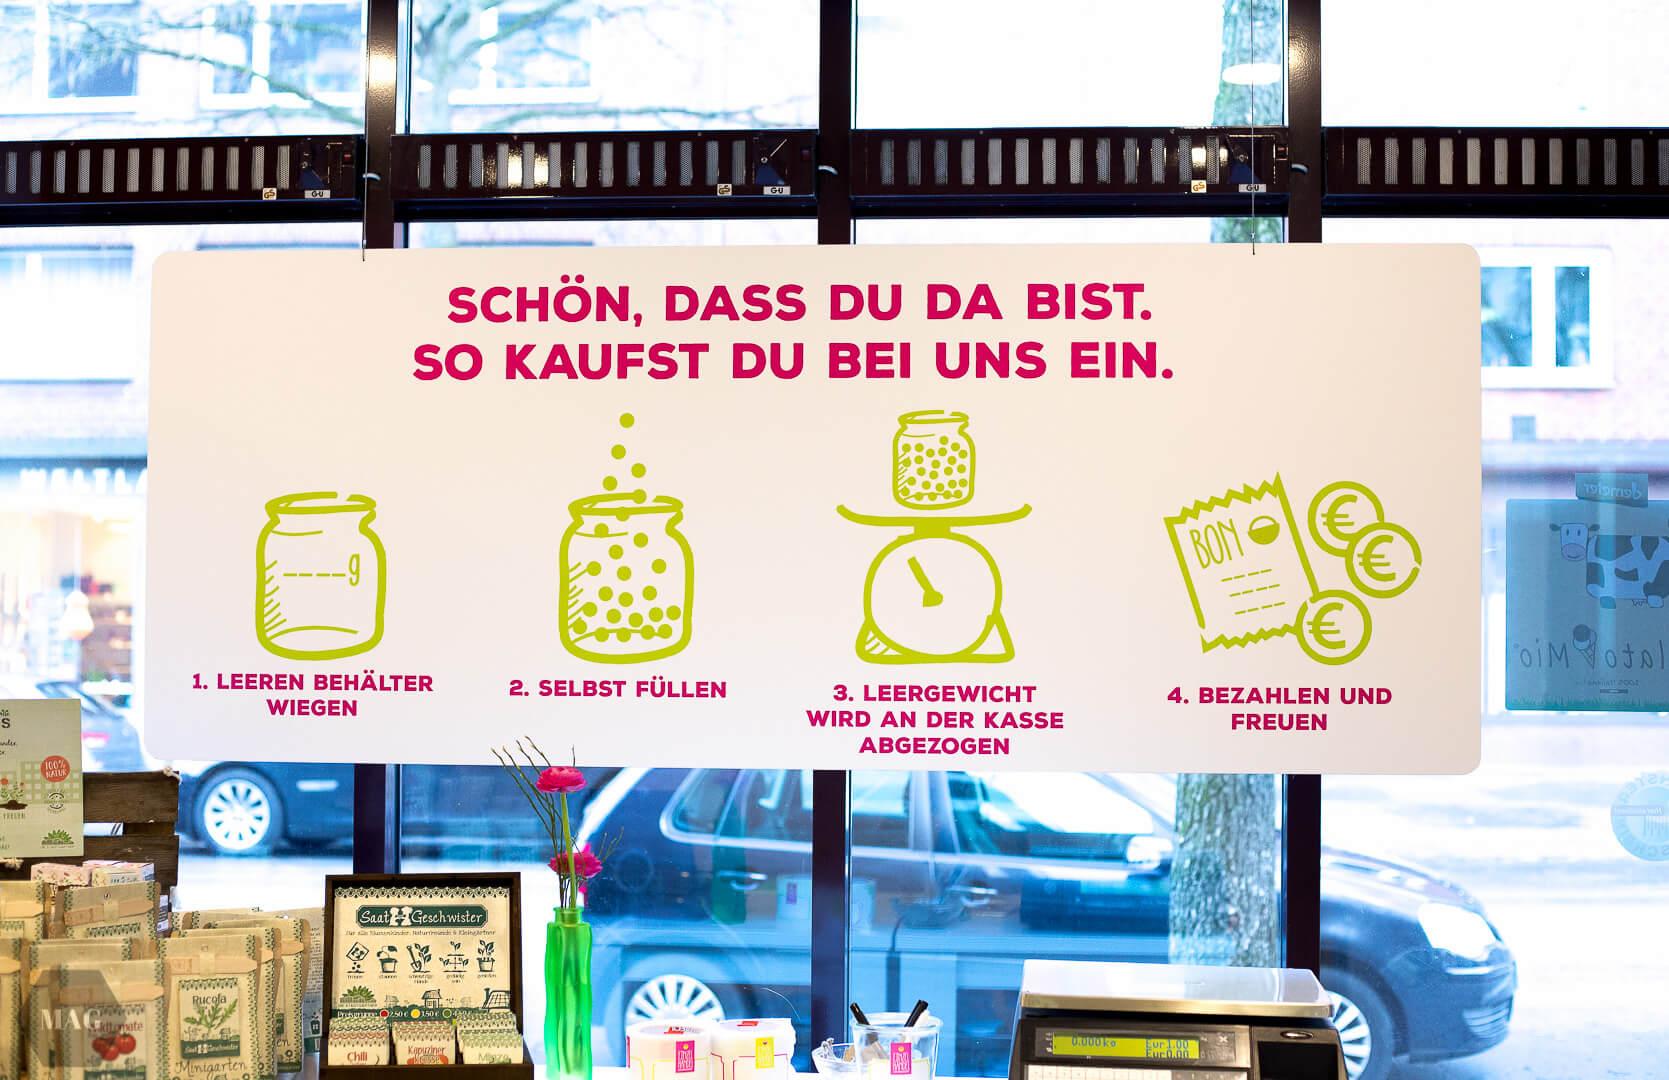 Einzelhandel zum Wohlfüllen, Unverpacktladen Münster, unverpackt einkaufen, unverpackt laden münster, Münster plastikfrei, Münster verpackungsfrei, verpackungsfrei einkaufen, Zero Waste Laden Münster, nachhaltig einkaufen Münster